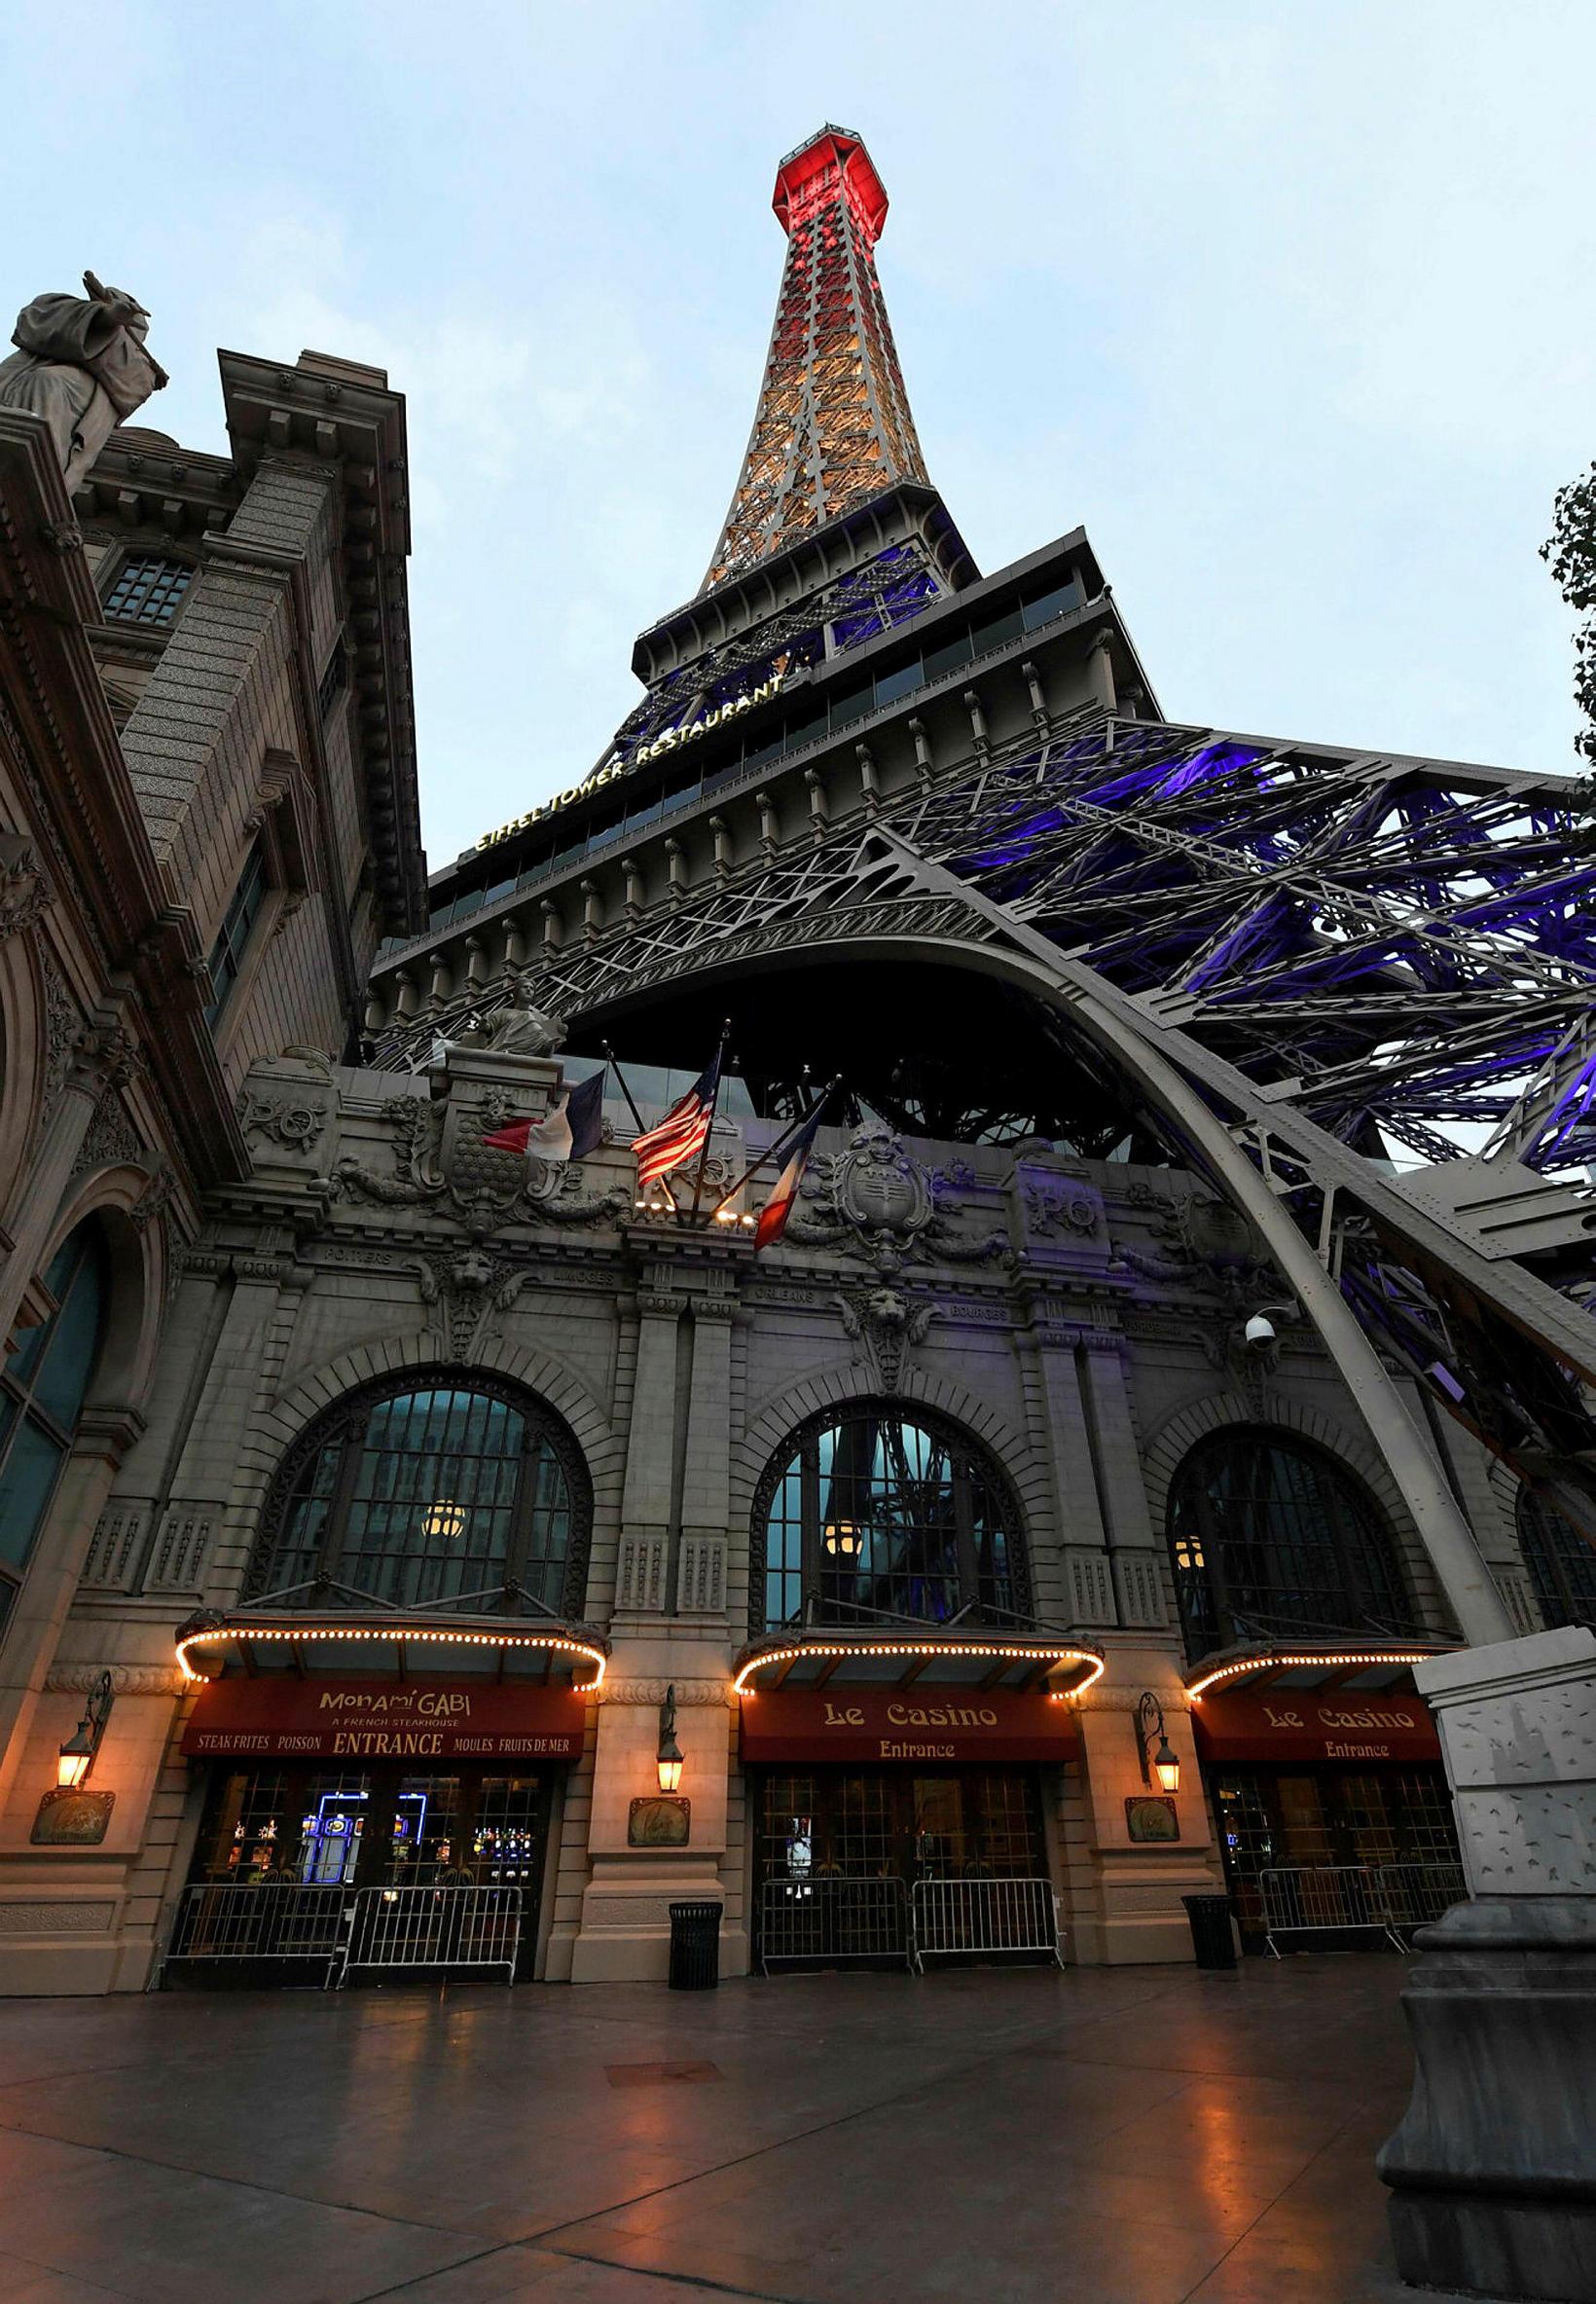 Ekkert að frétta við Eiffel-turninn í Las Vegas.